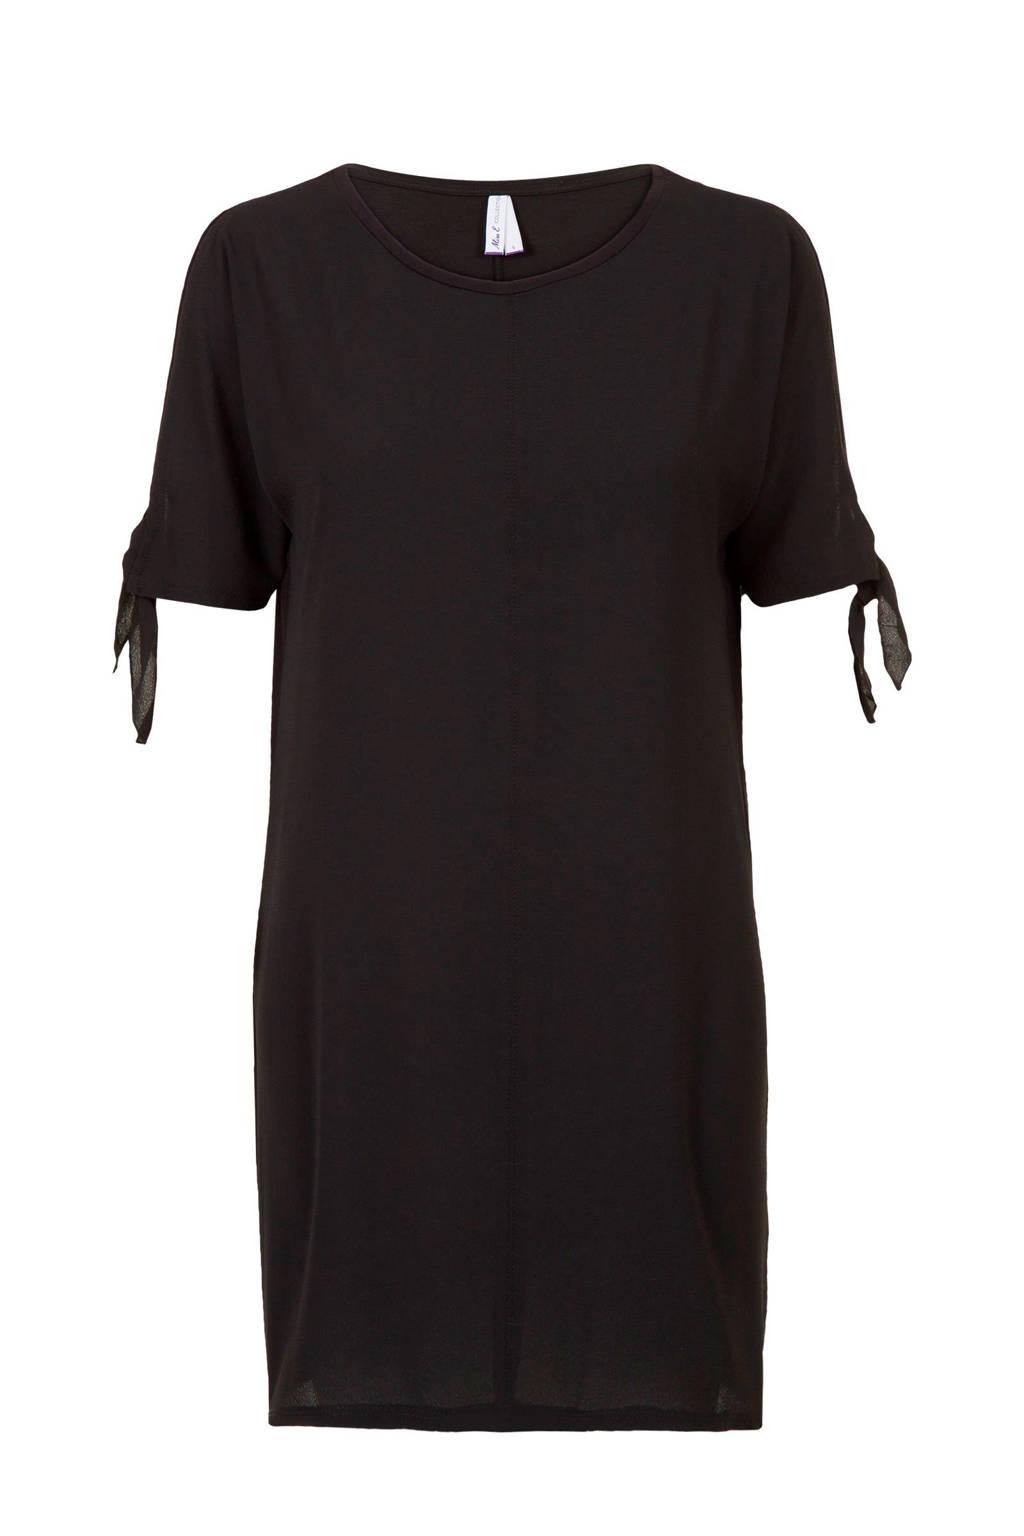 Miss Etam jurk met strikdetail zwart, Zwart